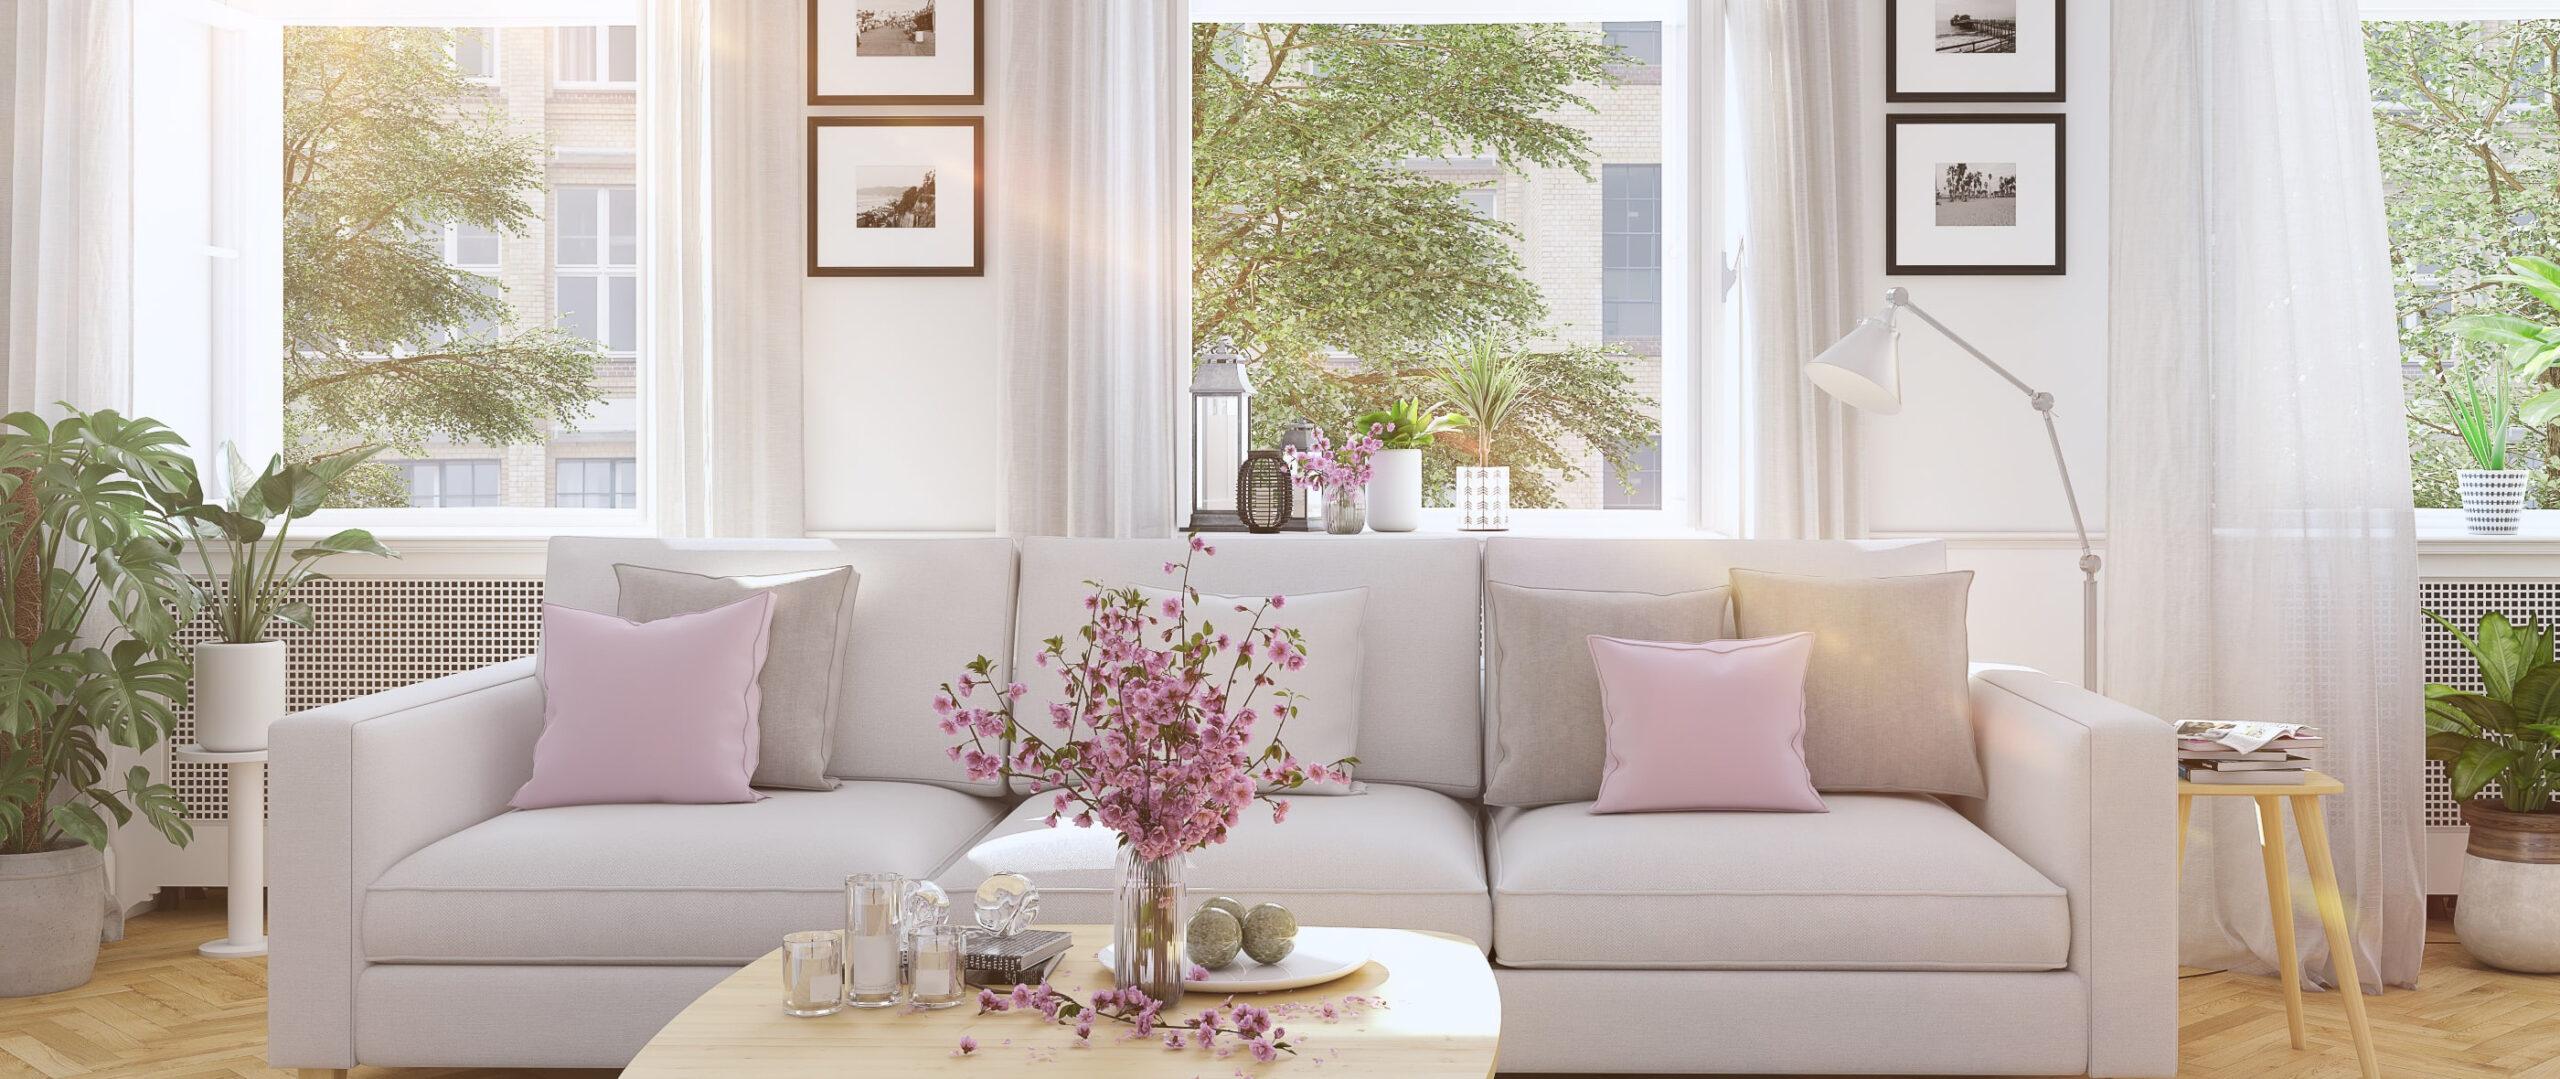 Full Size of Raffrollo Küchenfenster Fertiggardinen Fertigvorhnge Gnstig Online Kaufen Küche Wohnzimmer Raffrollo Küchenfenster